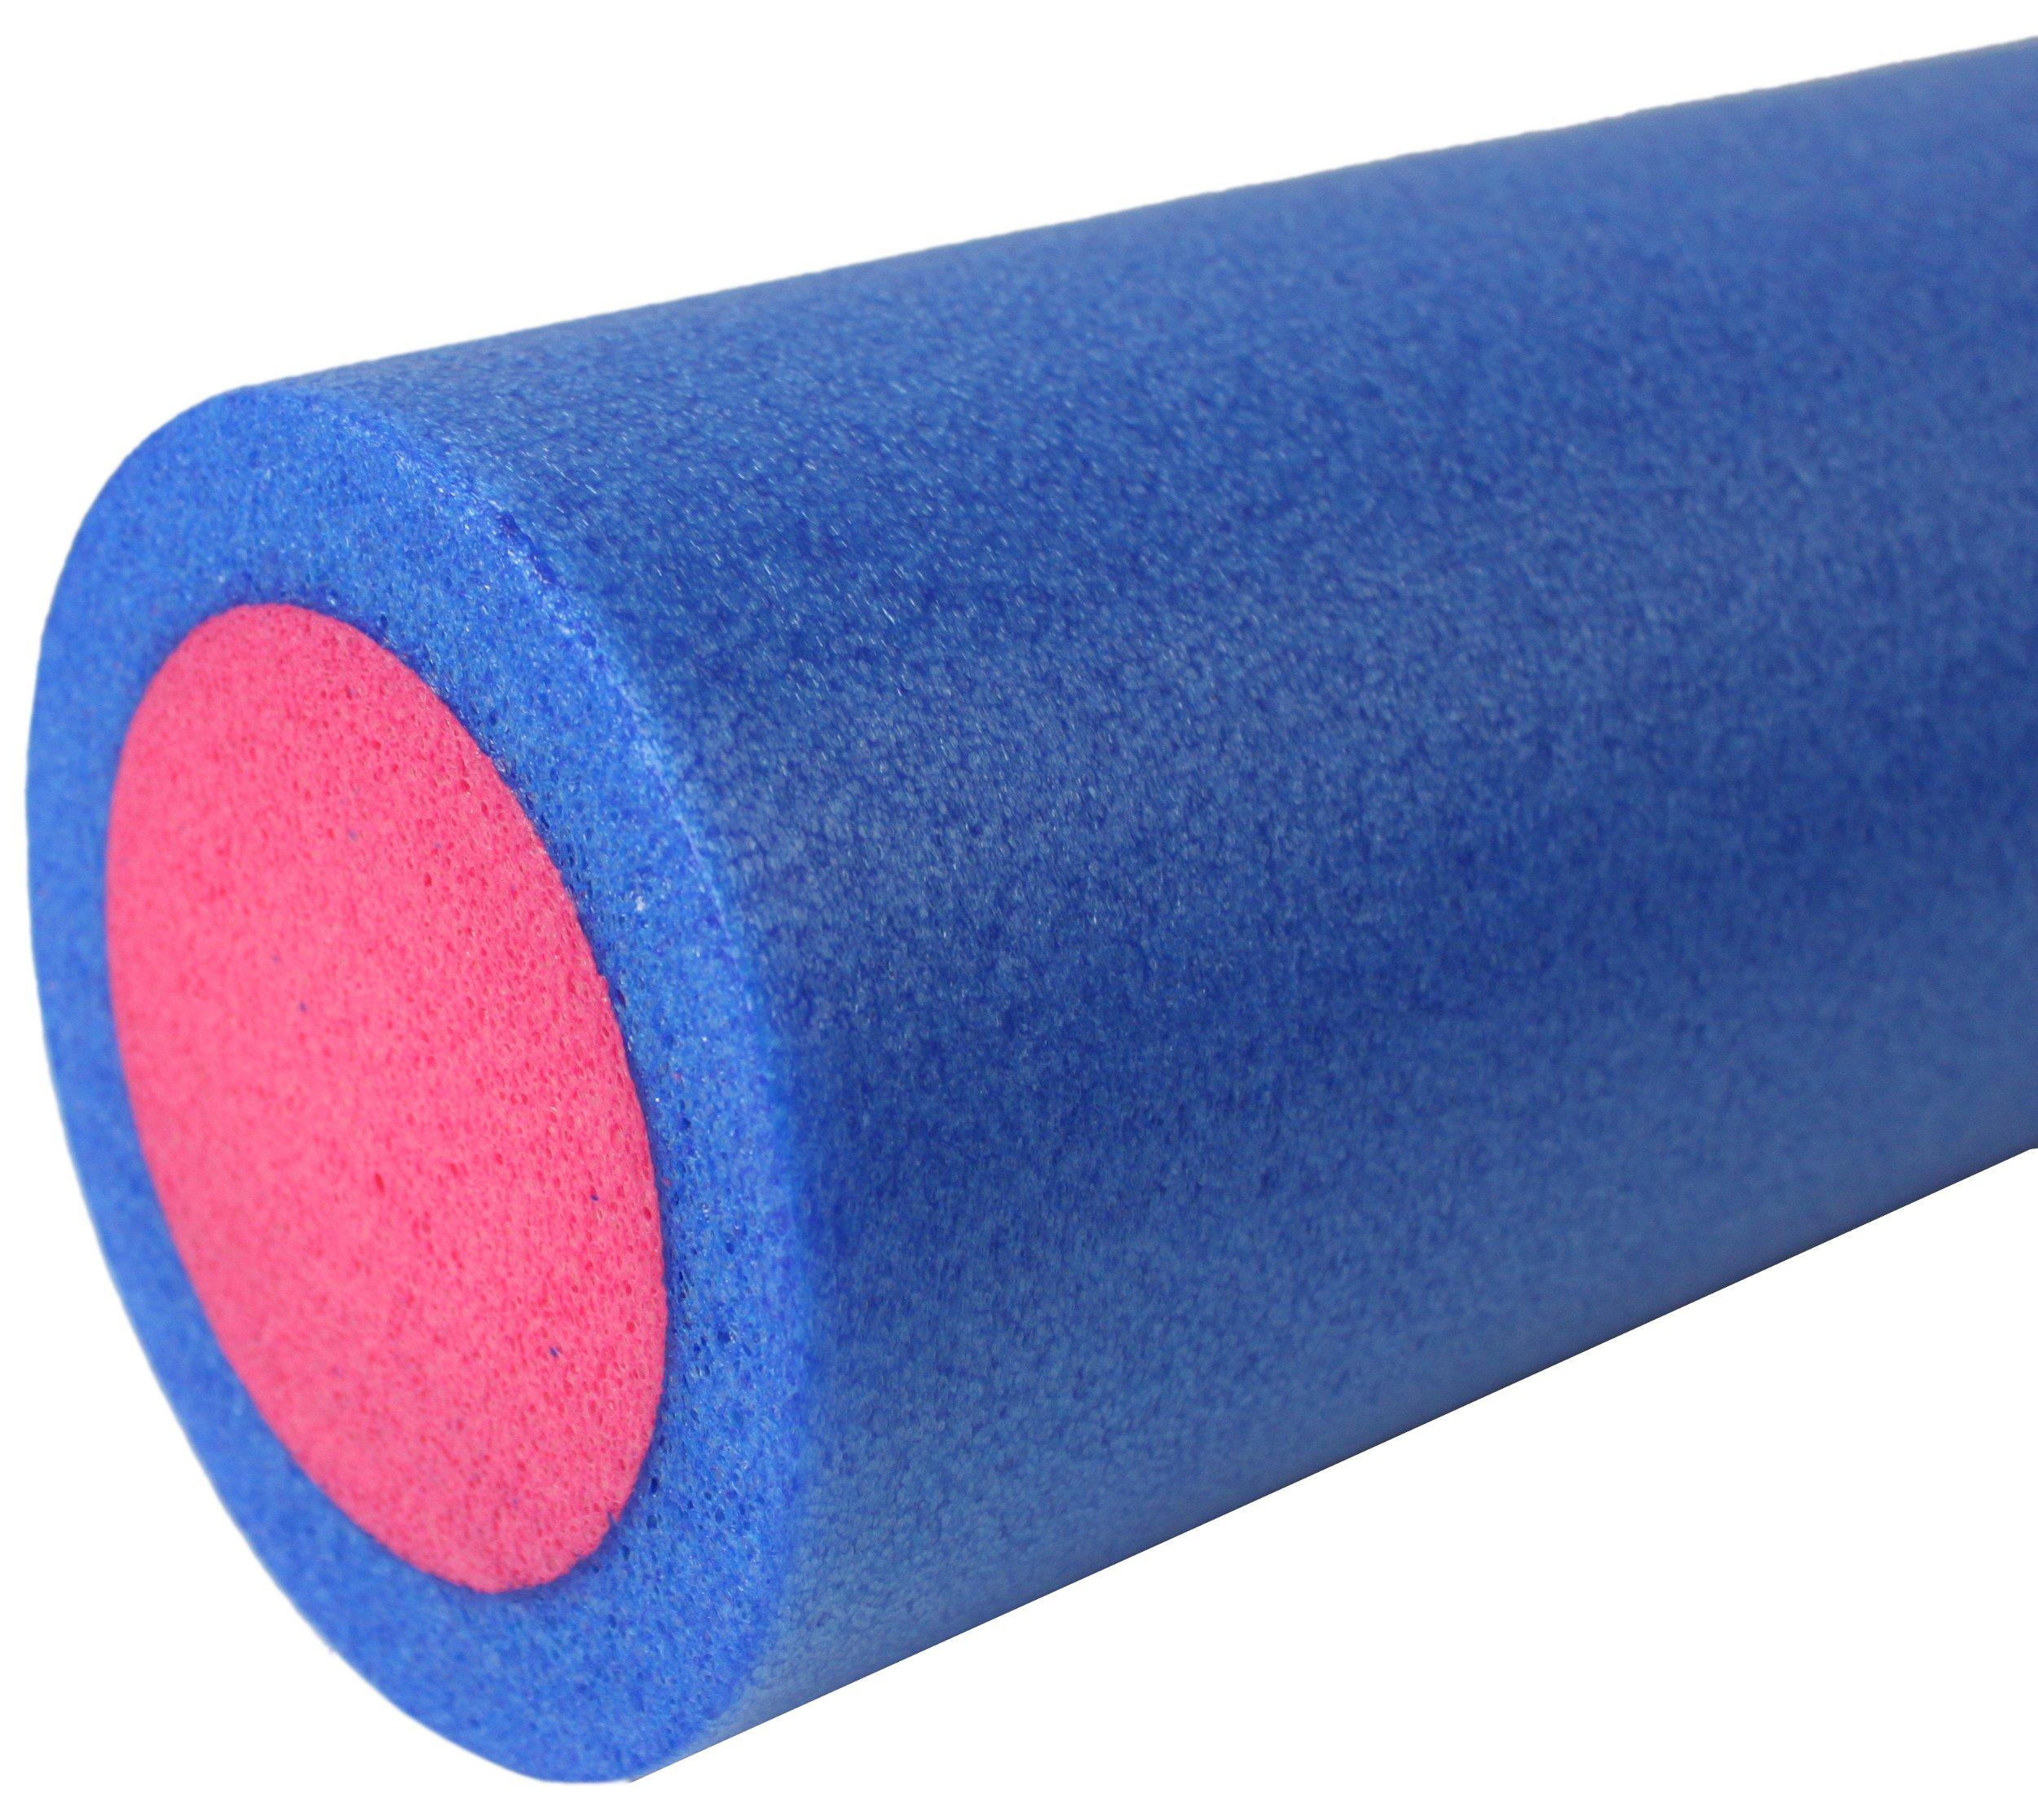 Wałek do ćwiczeń pianka pe,  niebiesko-różowy